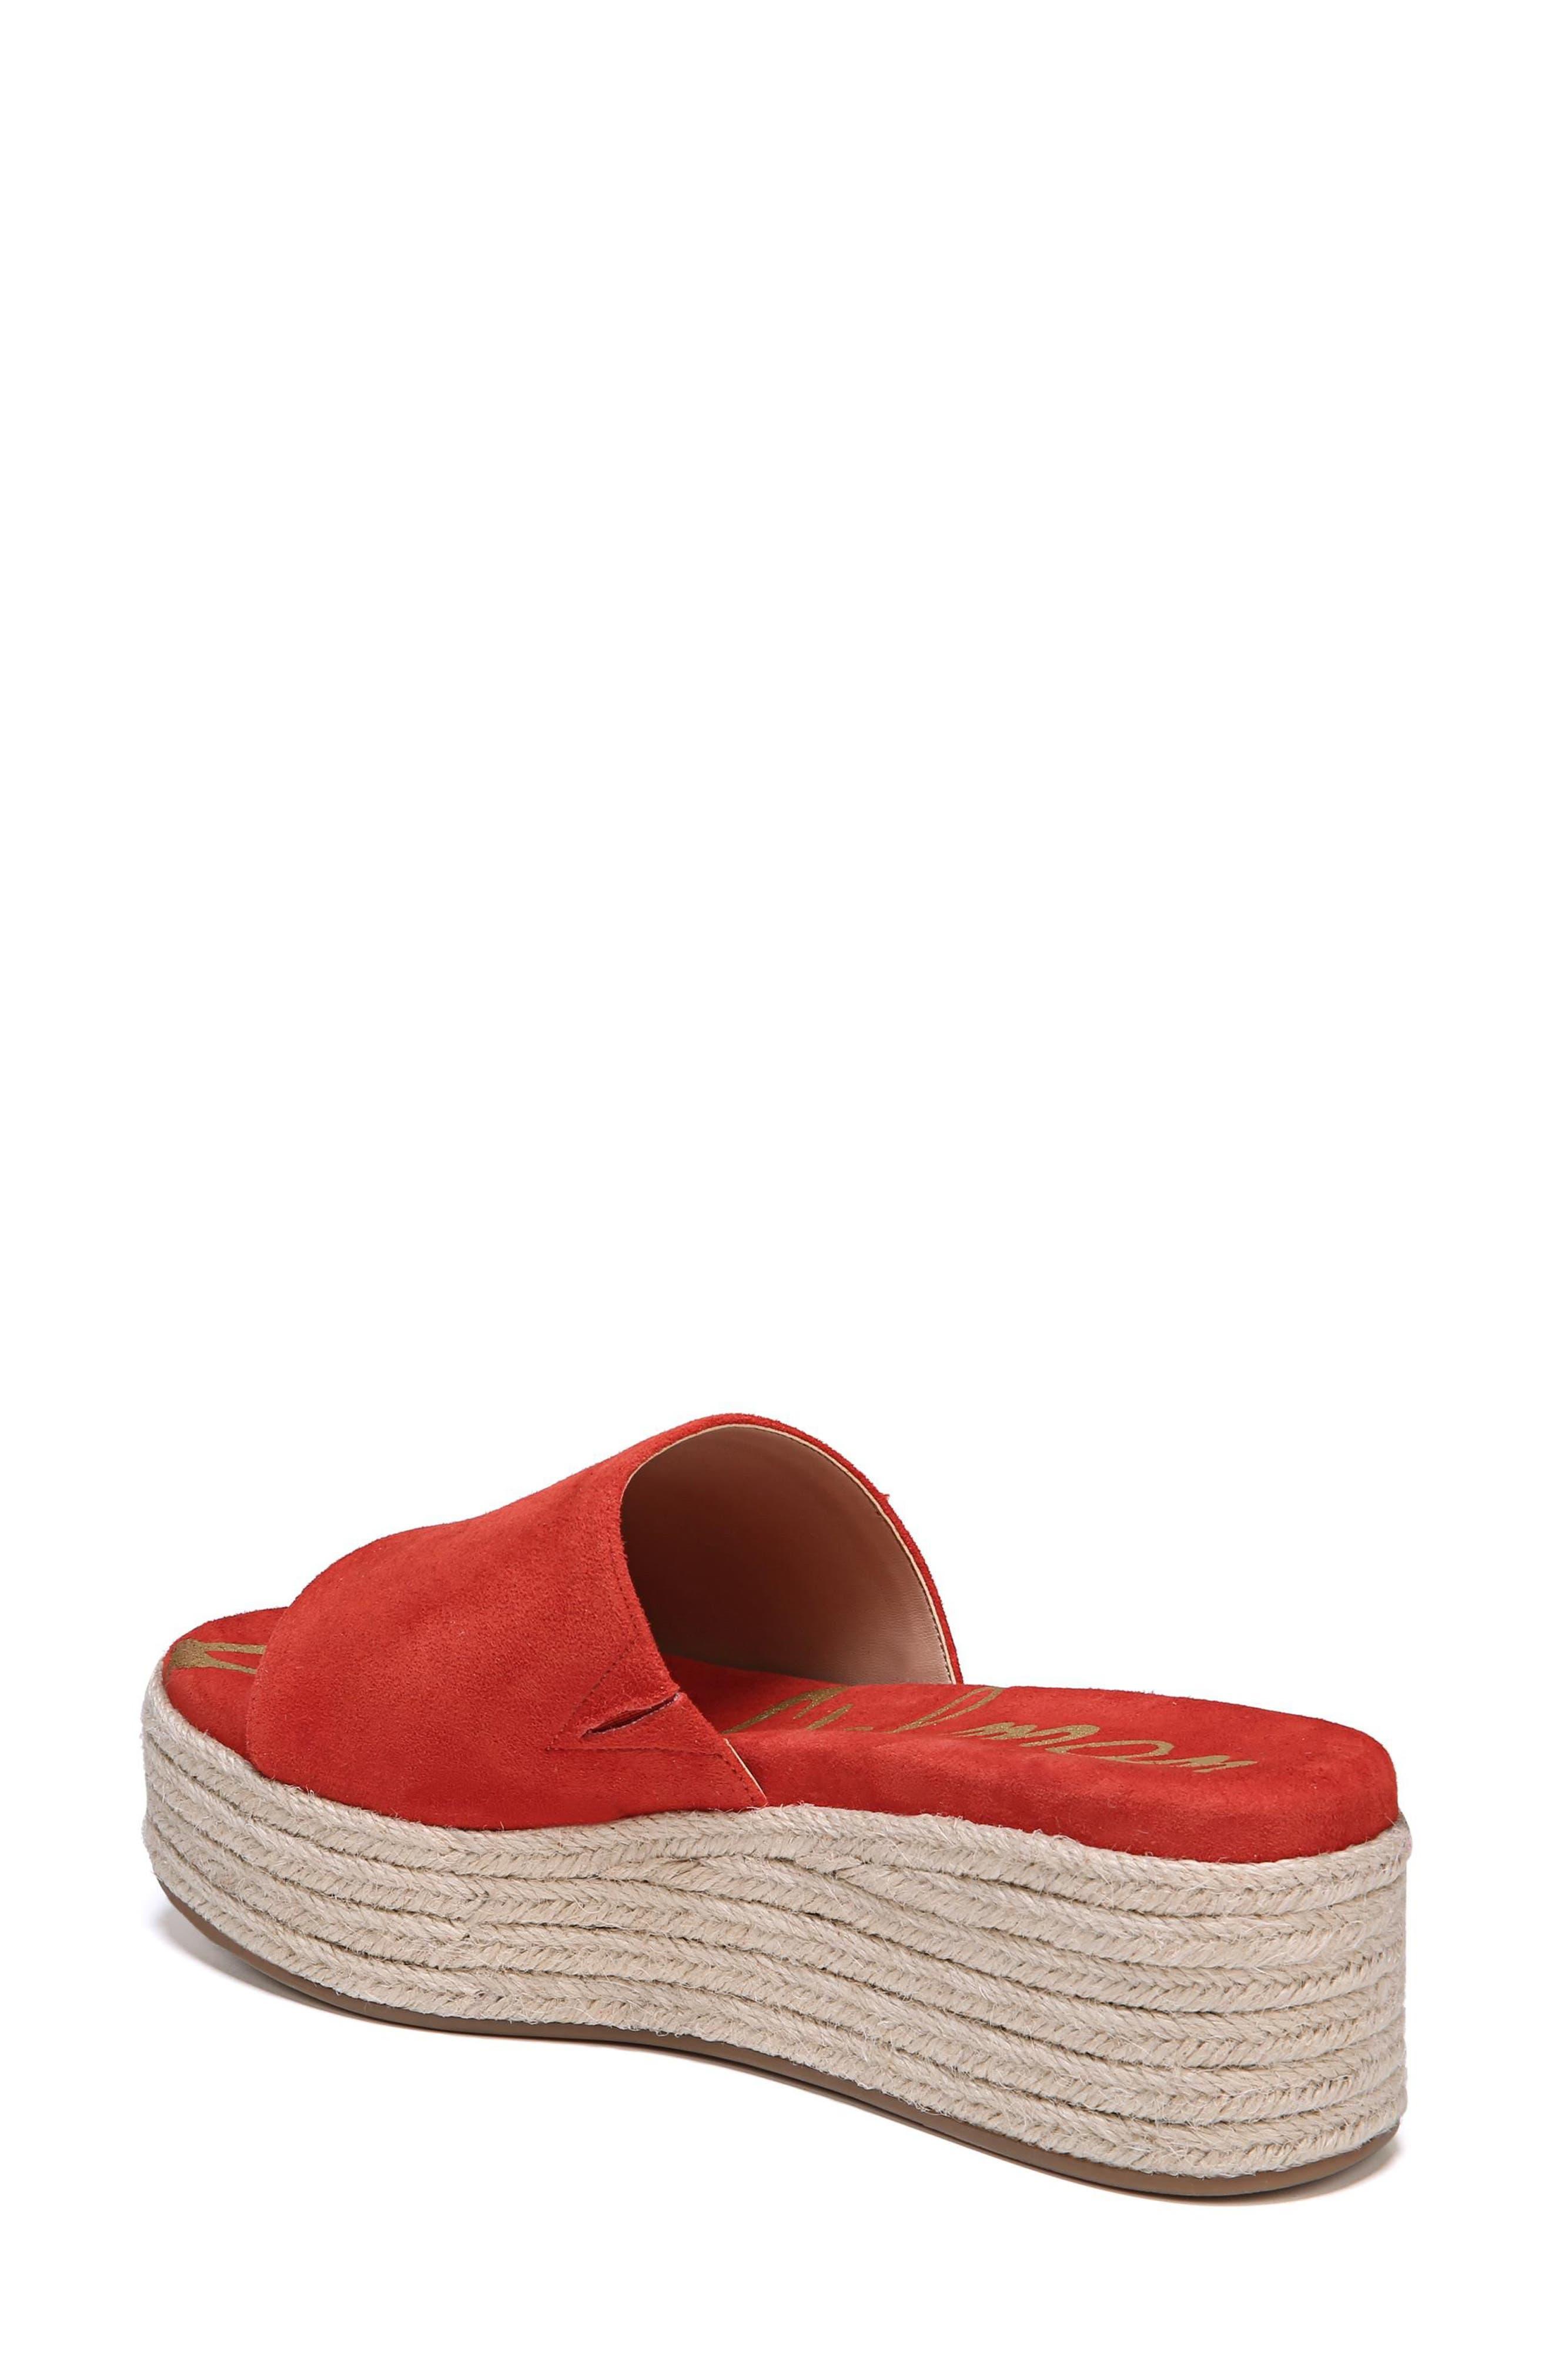 Weslee Platform Slide Sandal,                             Alternate thumbnail 2, color,                             Candy Red Suede